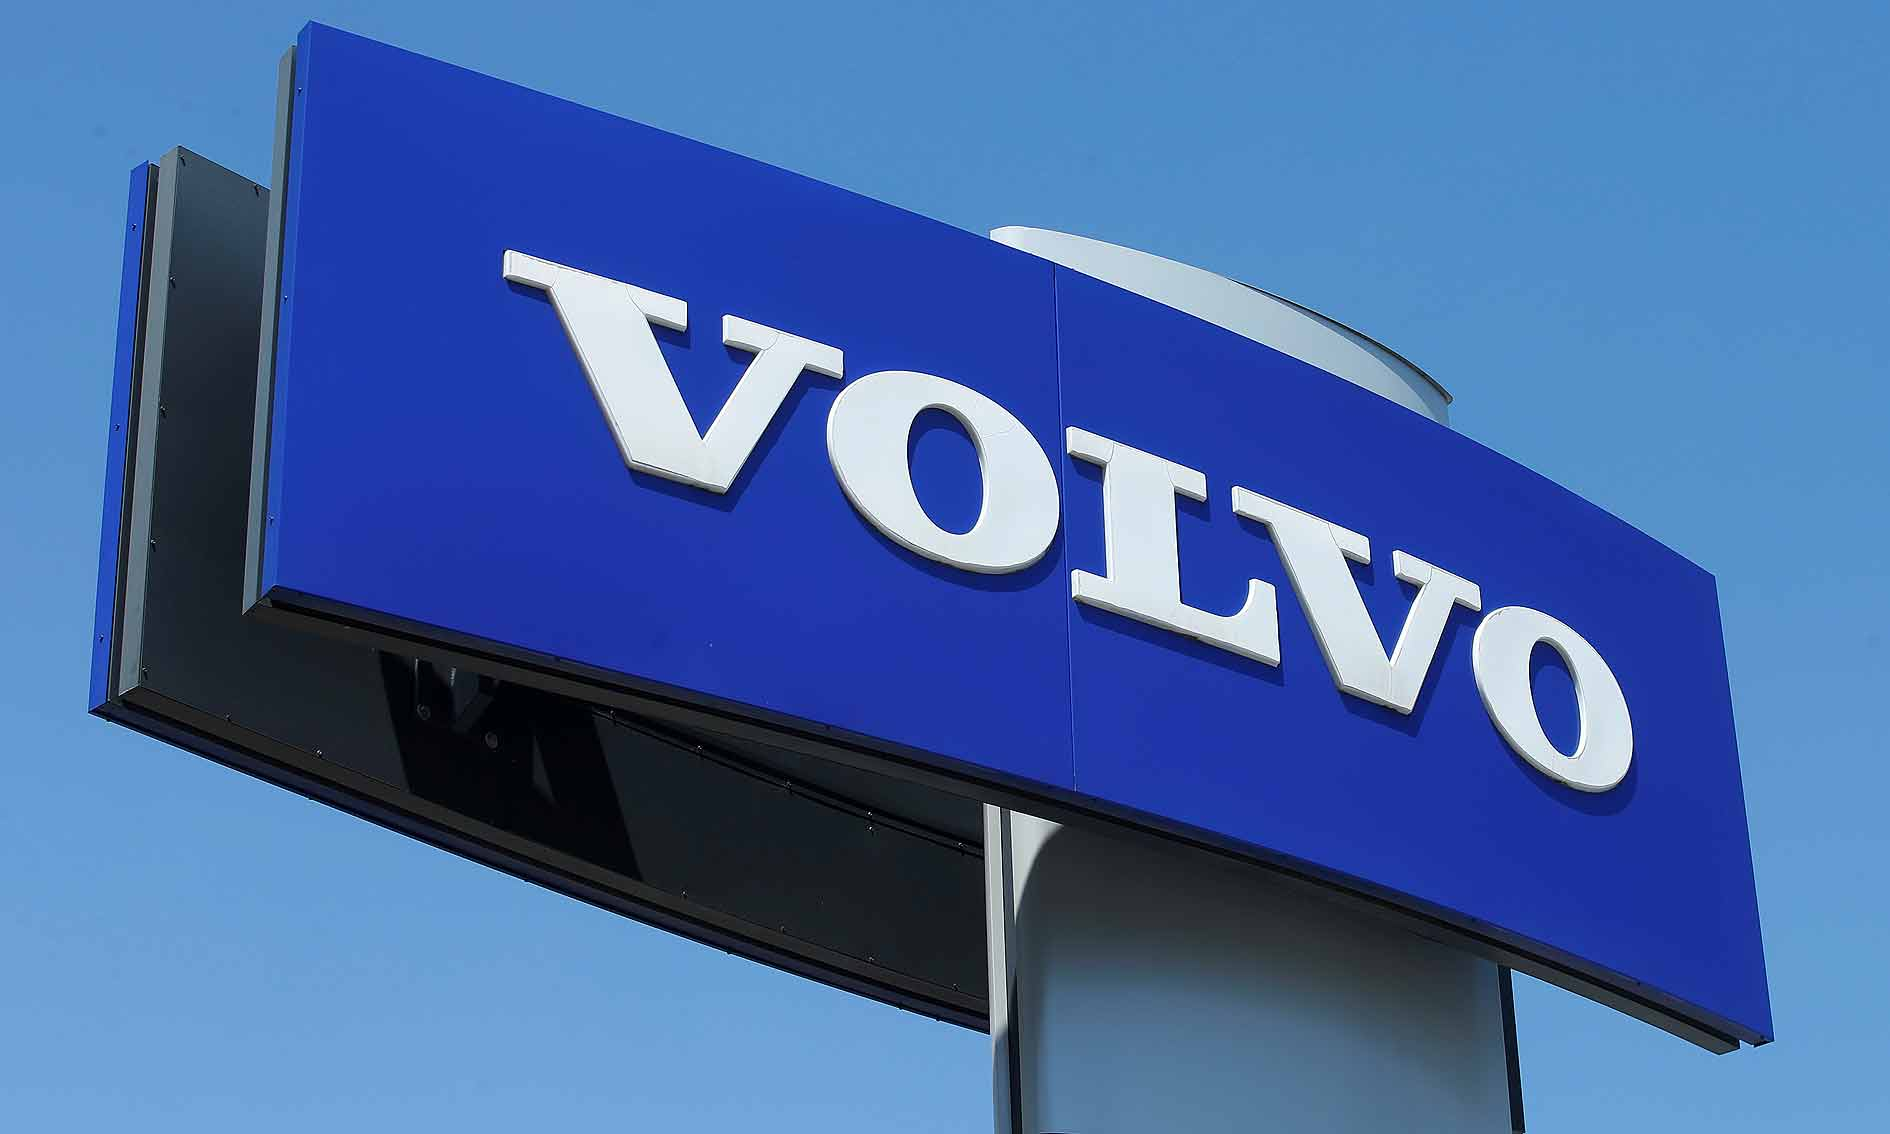 Schrijf je nu in voor de training 'Connectivity' van Volvo op 20 mei!